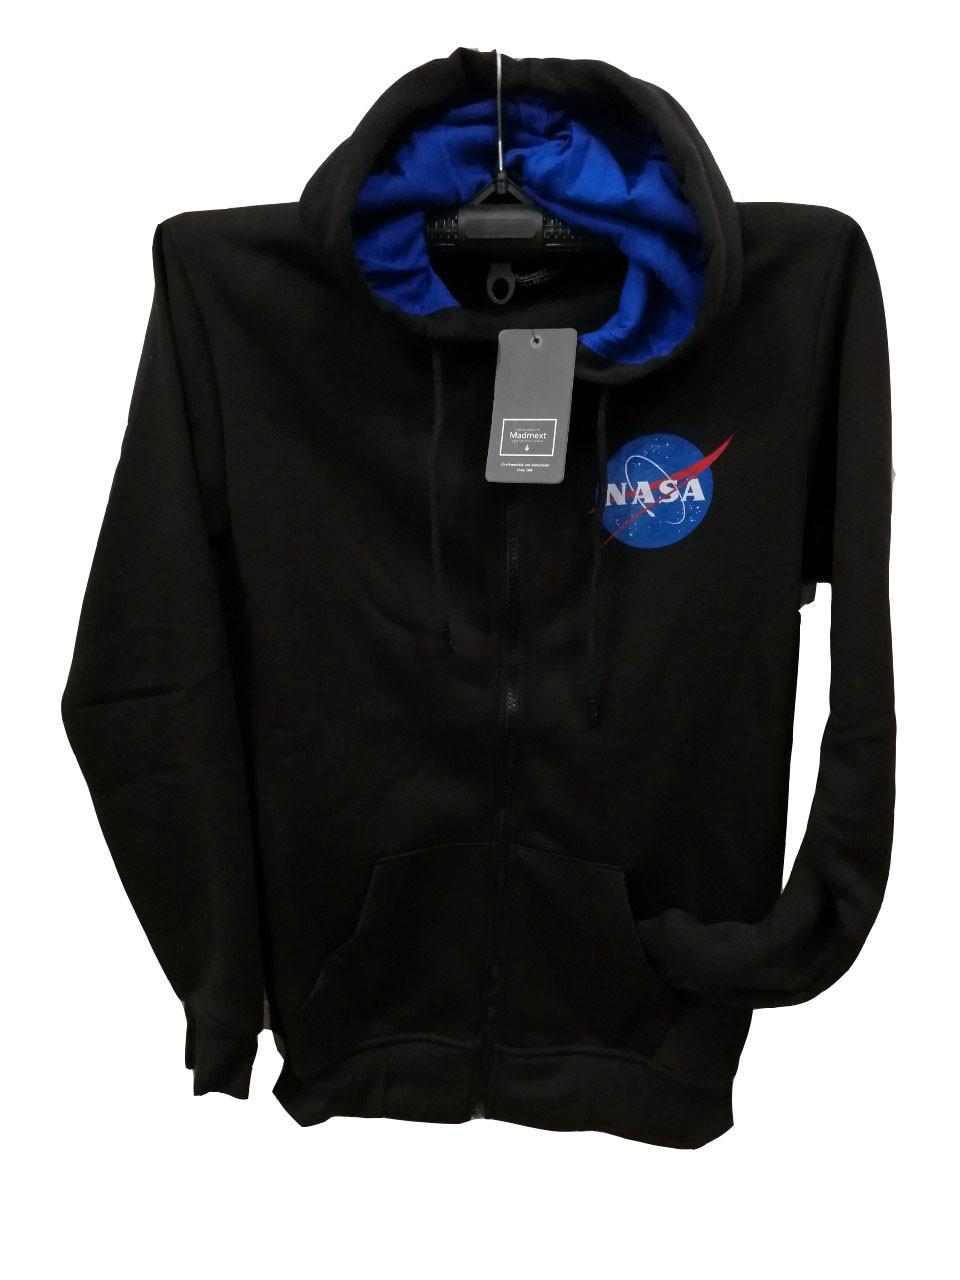 Мужская кофта на молнии Madmext теплая с капюшоном с эмблемой NASA